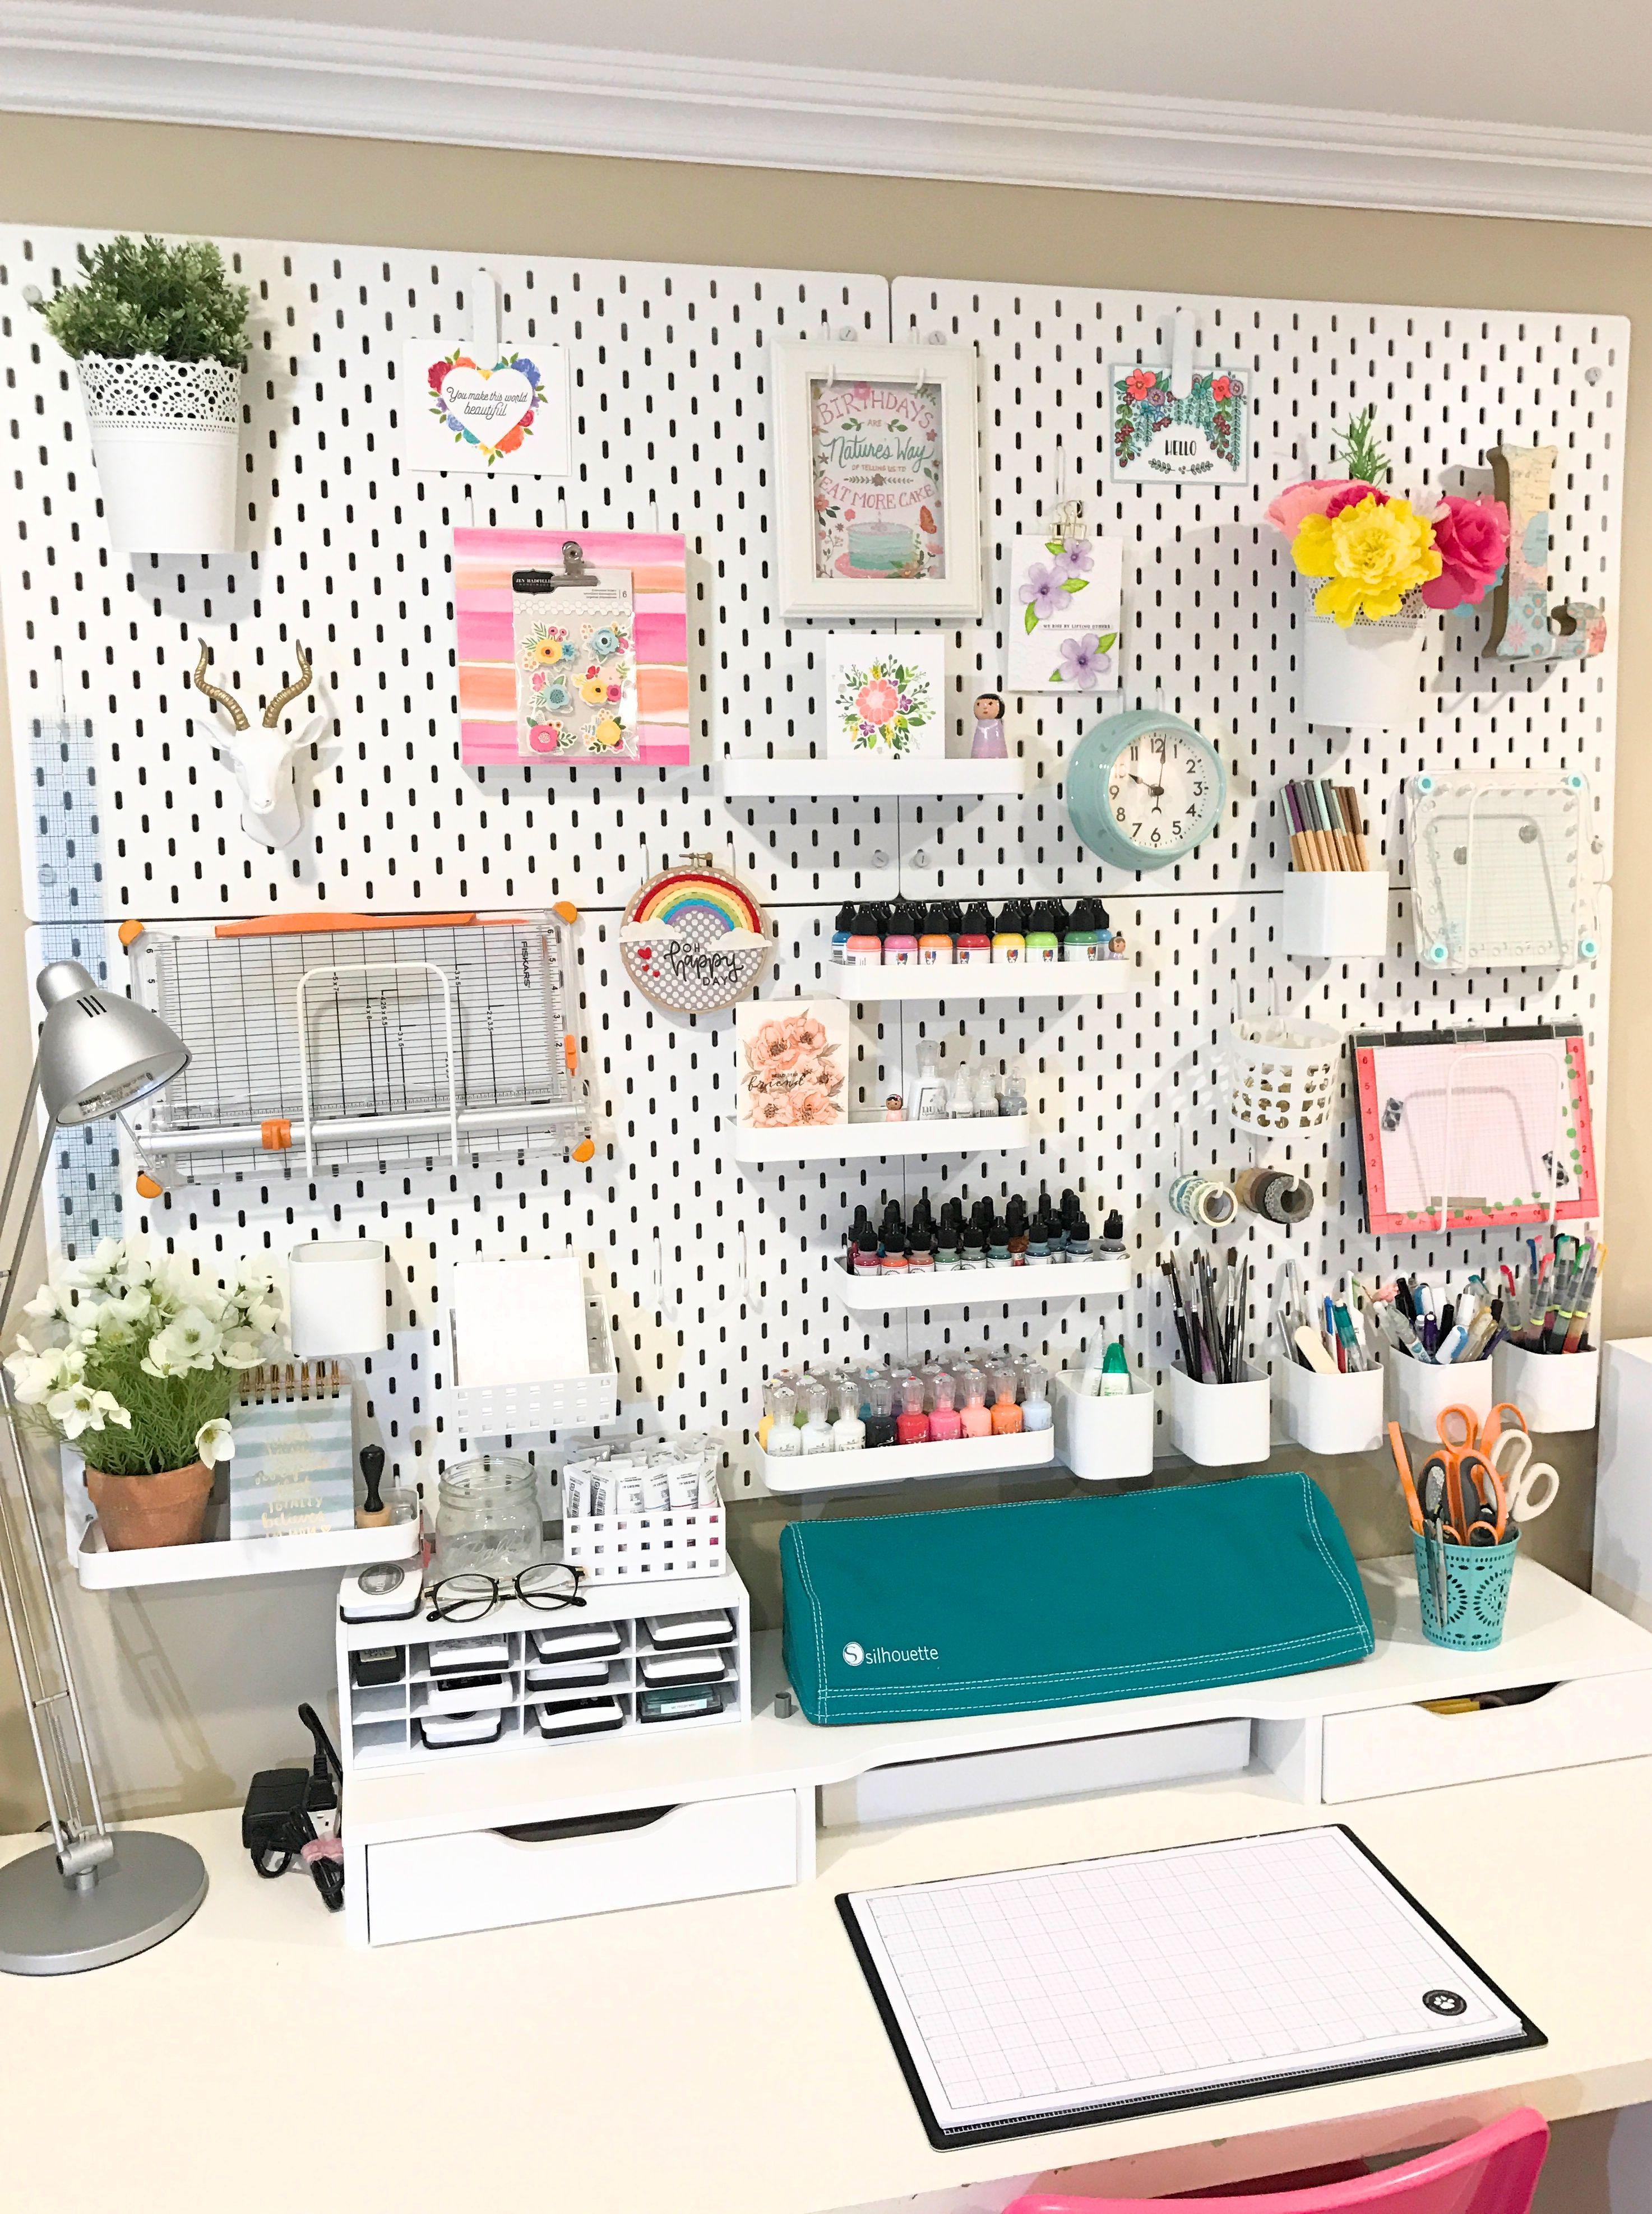 IKEA Skadis Bastelraum-Steckbrett / Bastelraum-Organisation überarbeitet